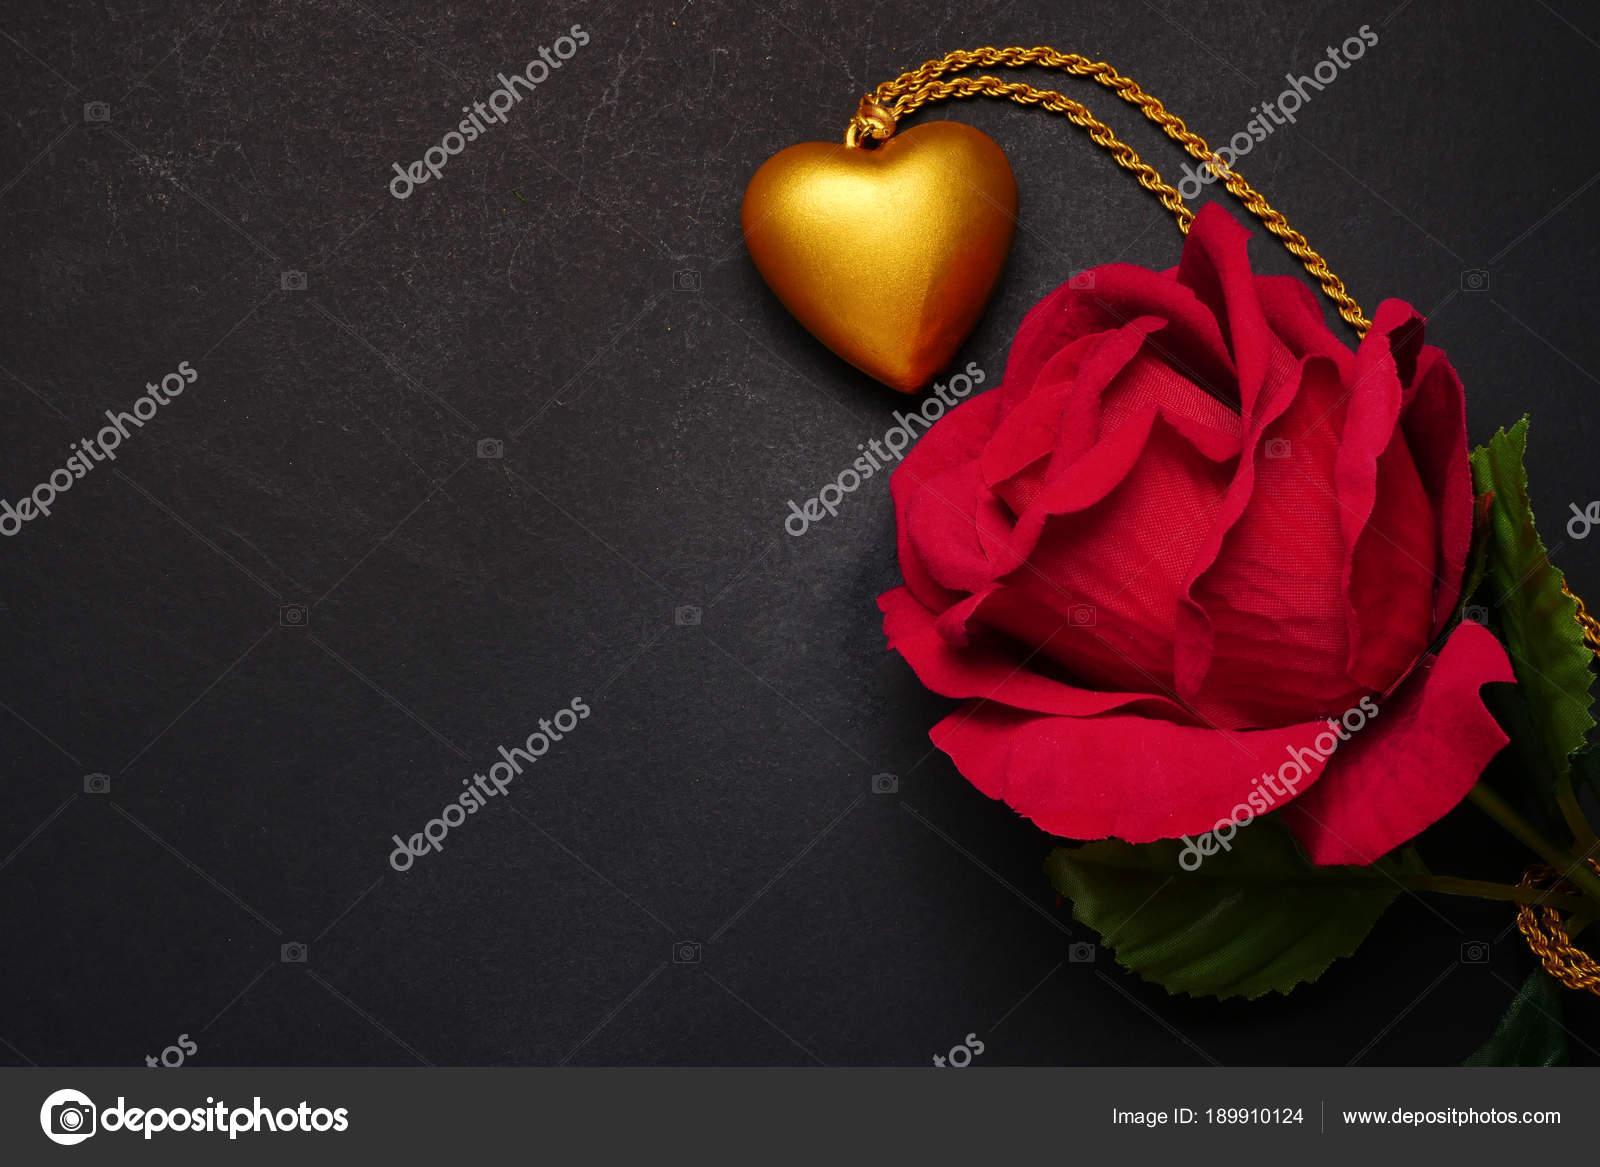 Rosa Rossa Con La Collana Cuore In Oro Su Sfondo Nero Concetto Di